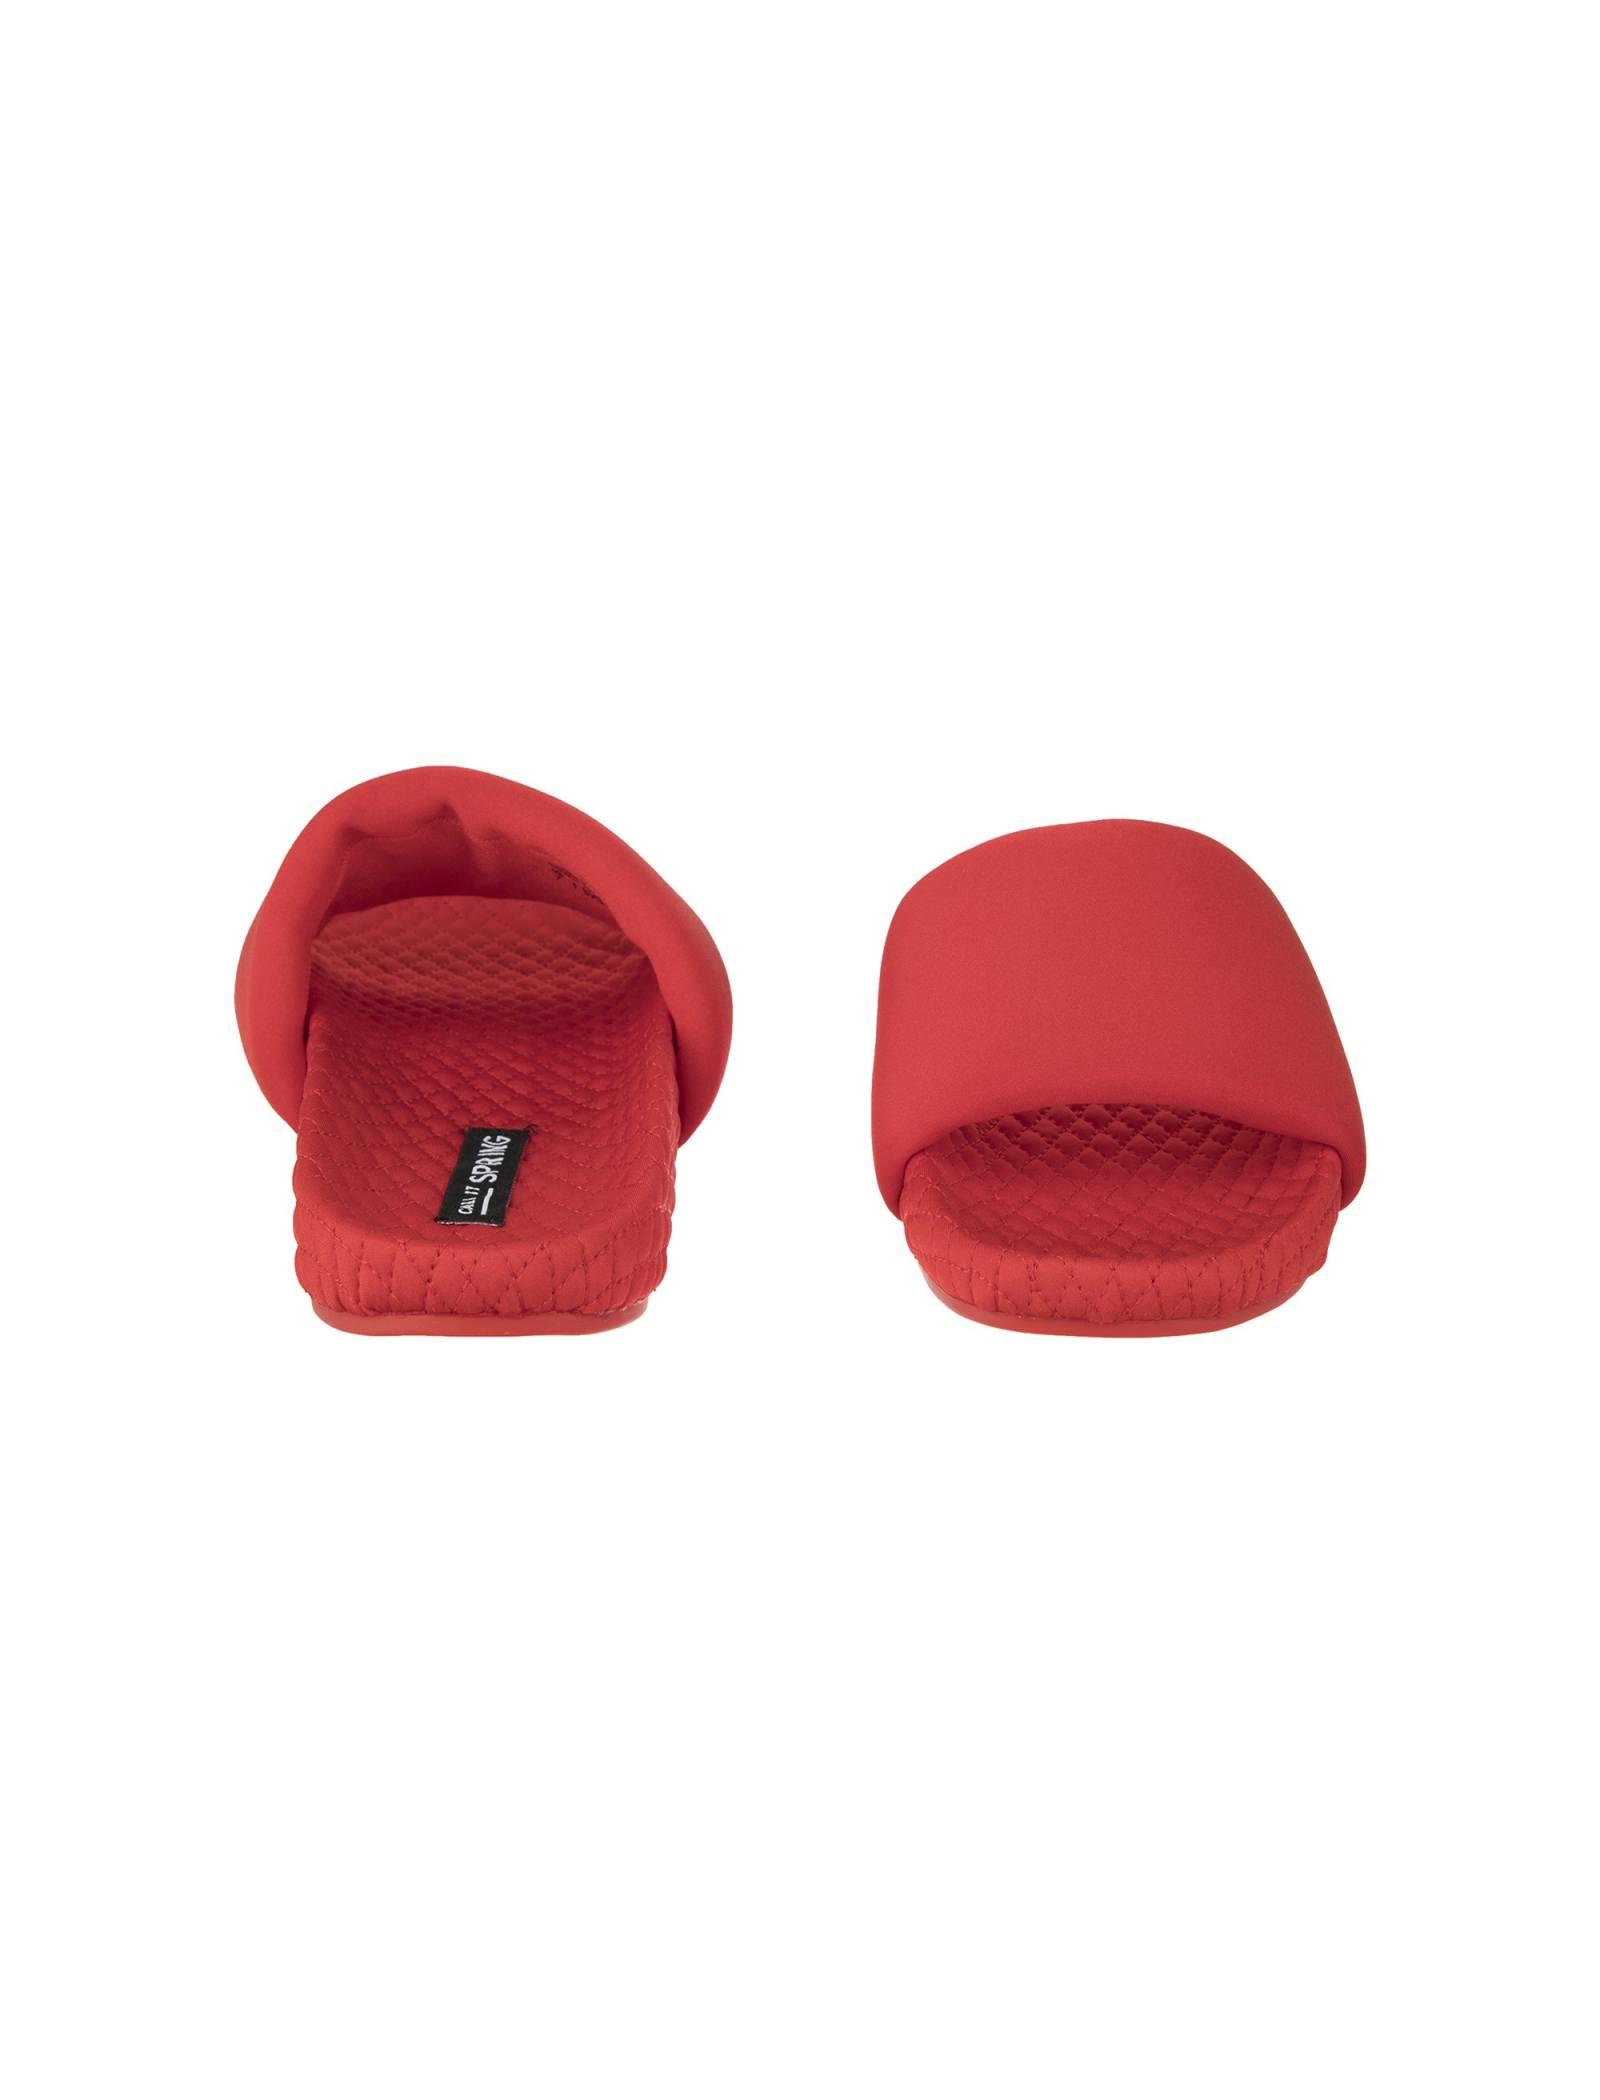 دمپایی روفرشی جلو باز زنانه - کال ایت اسپرینگ - قرمز - 5